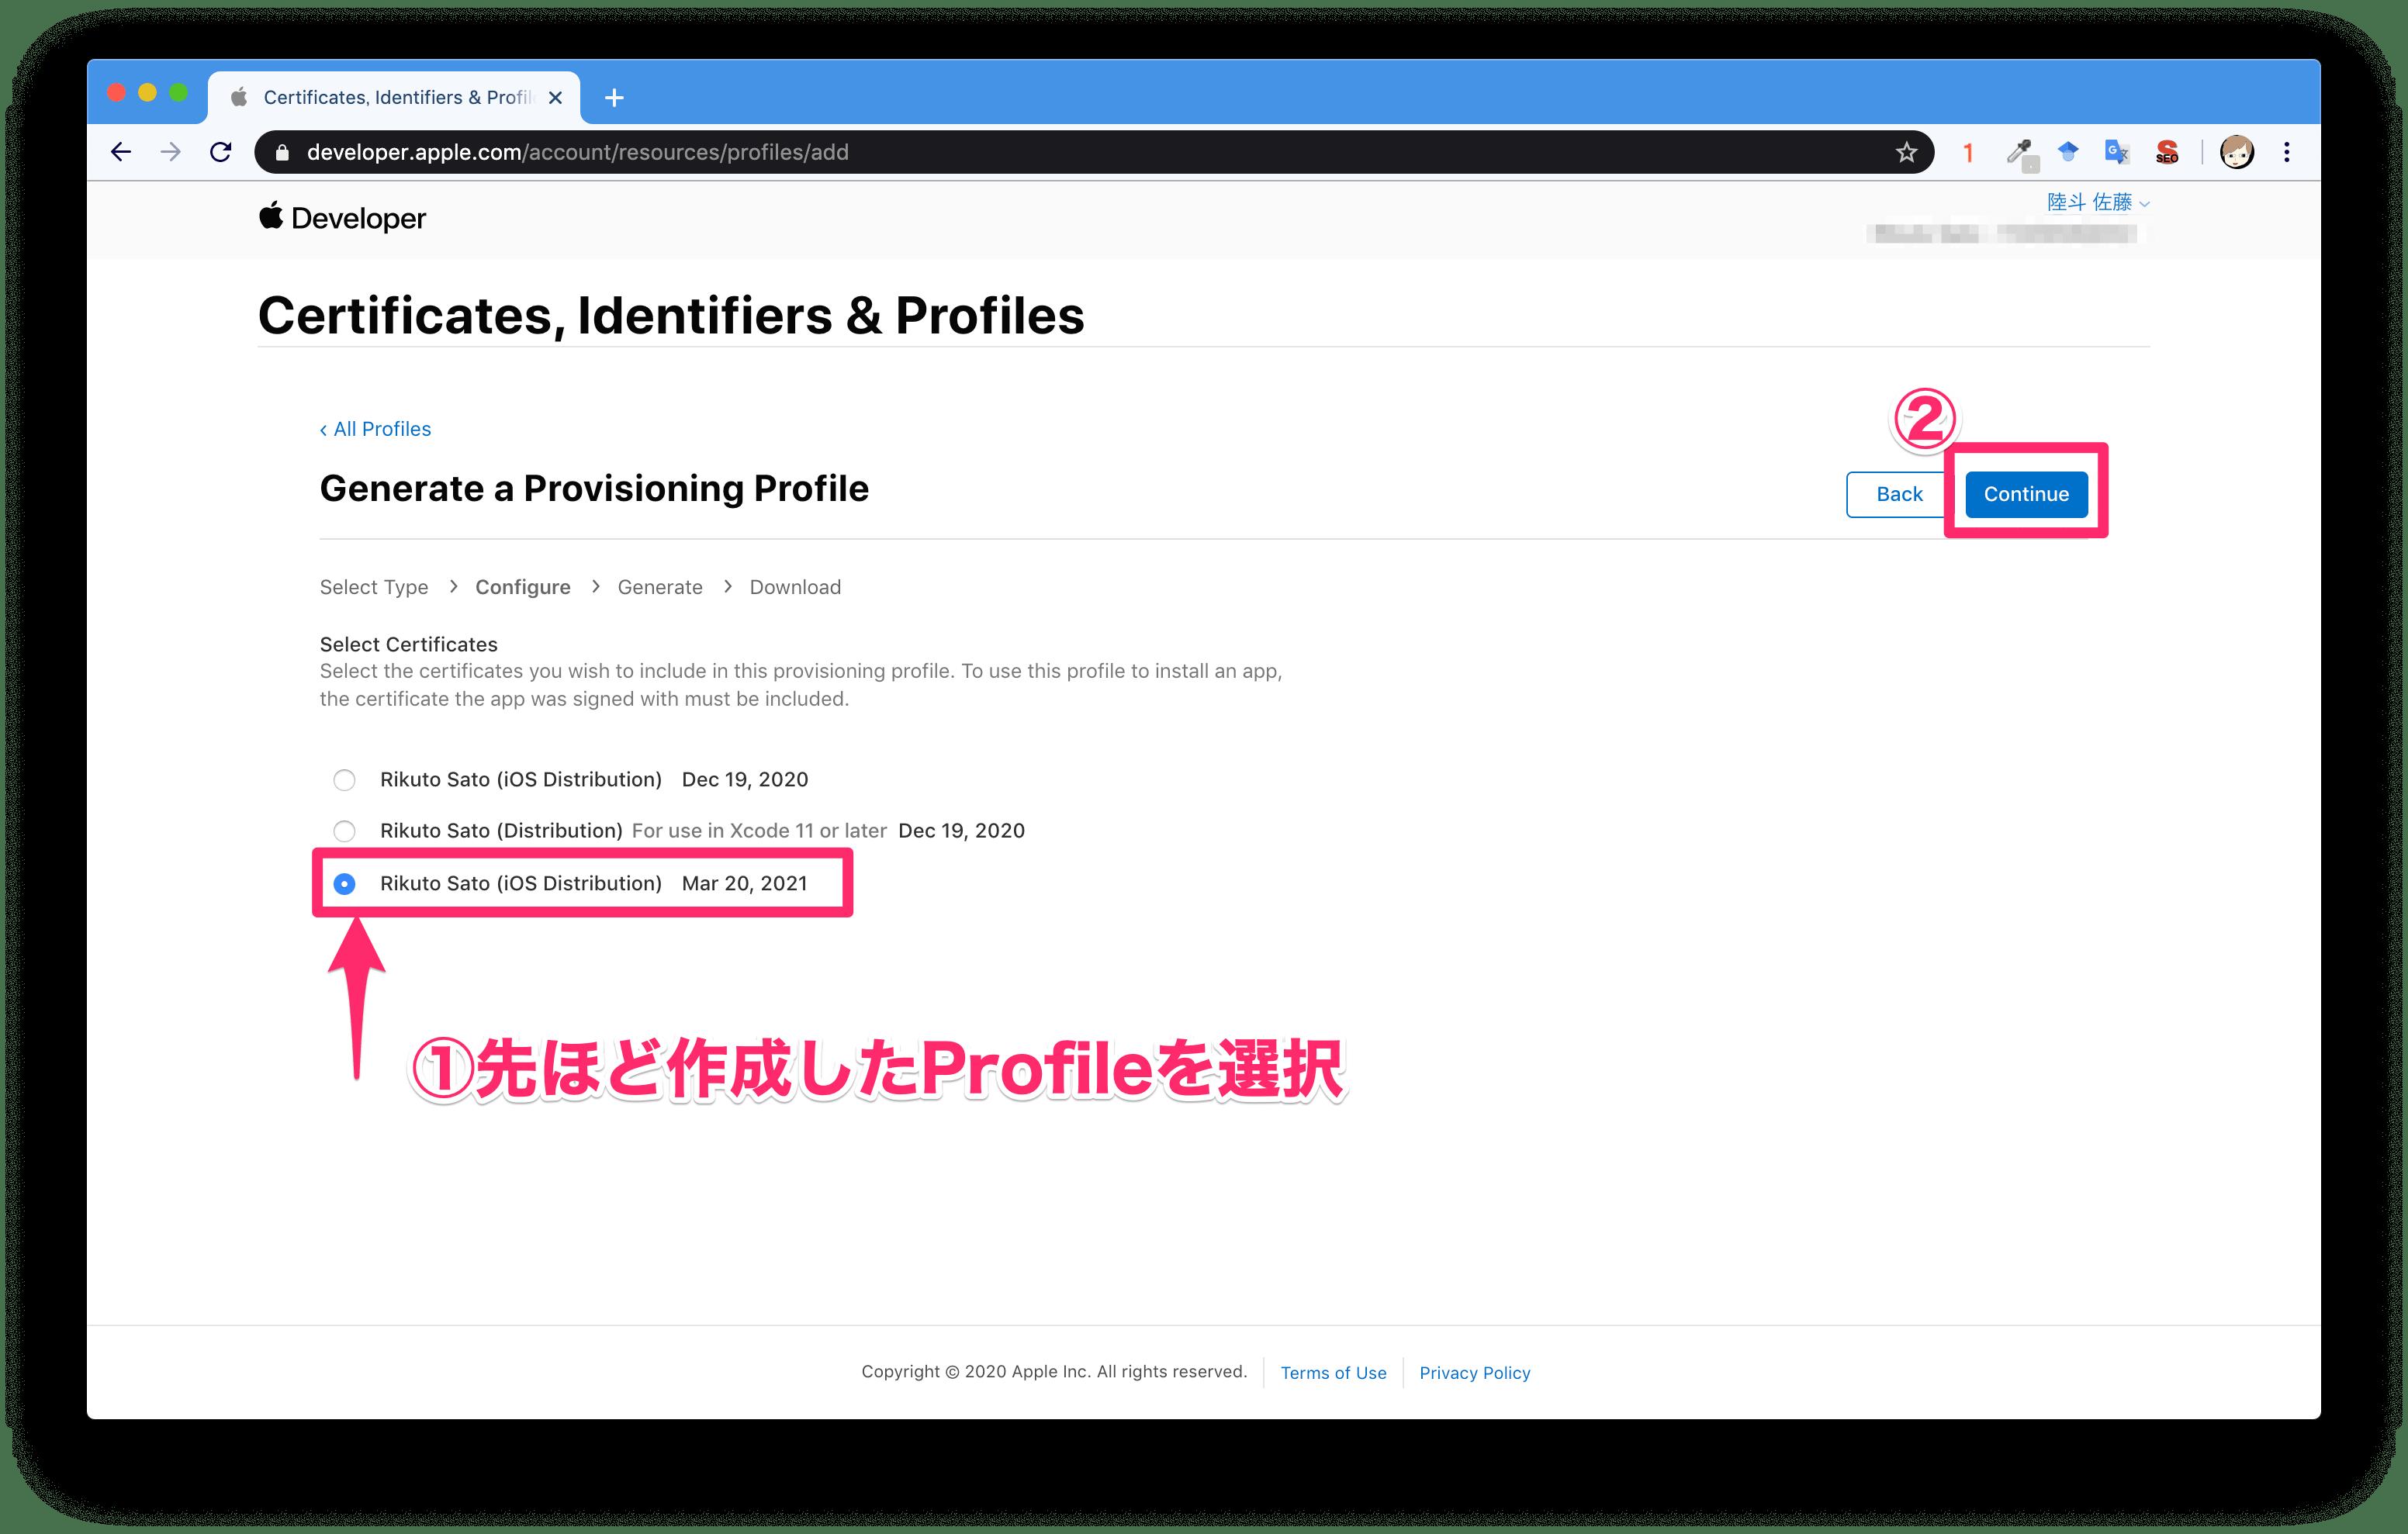 Profileを選択しcontinueをクリックの画像